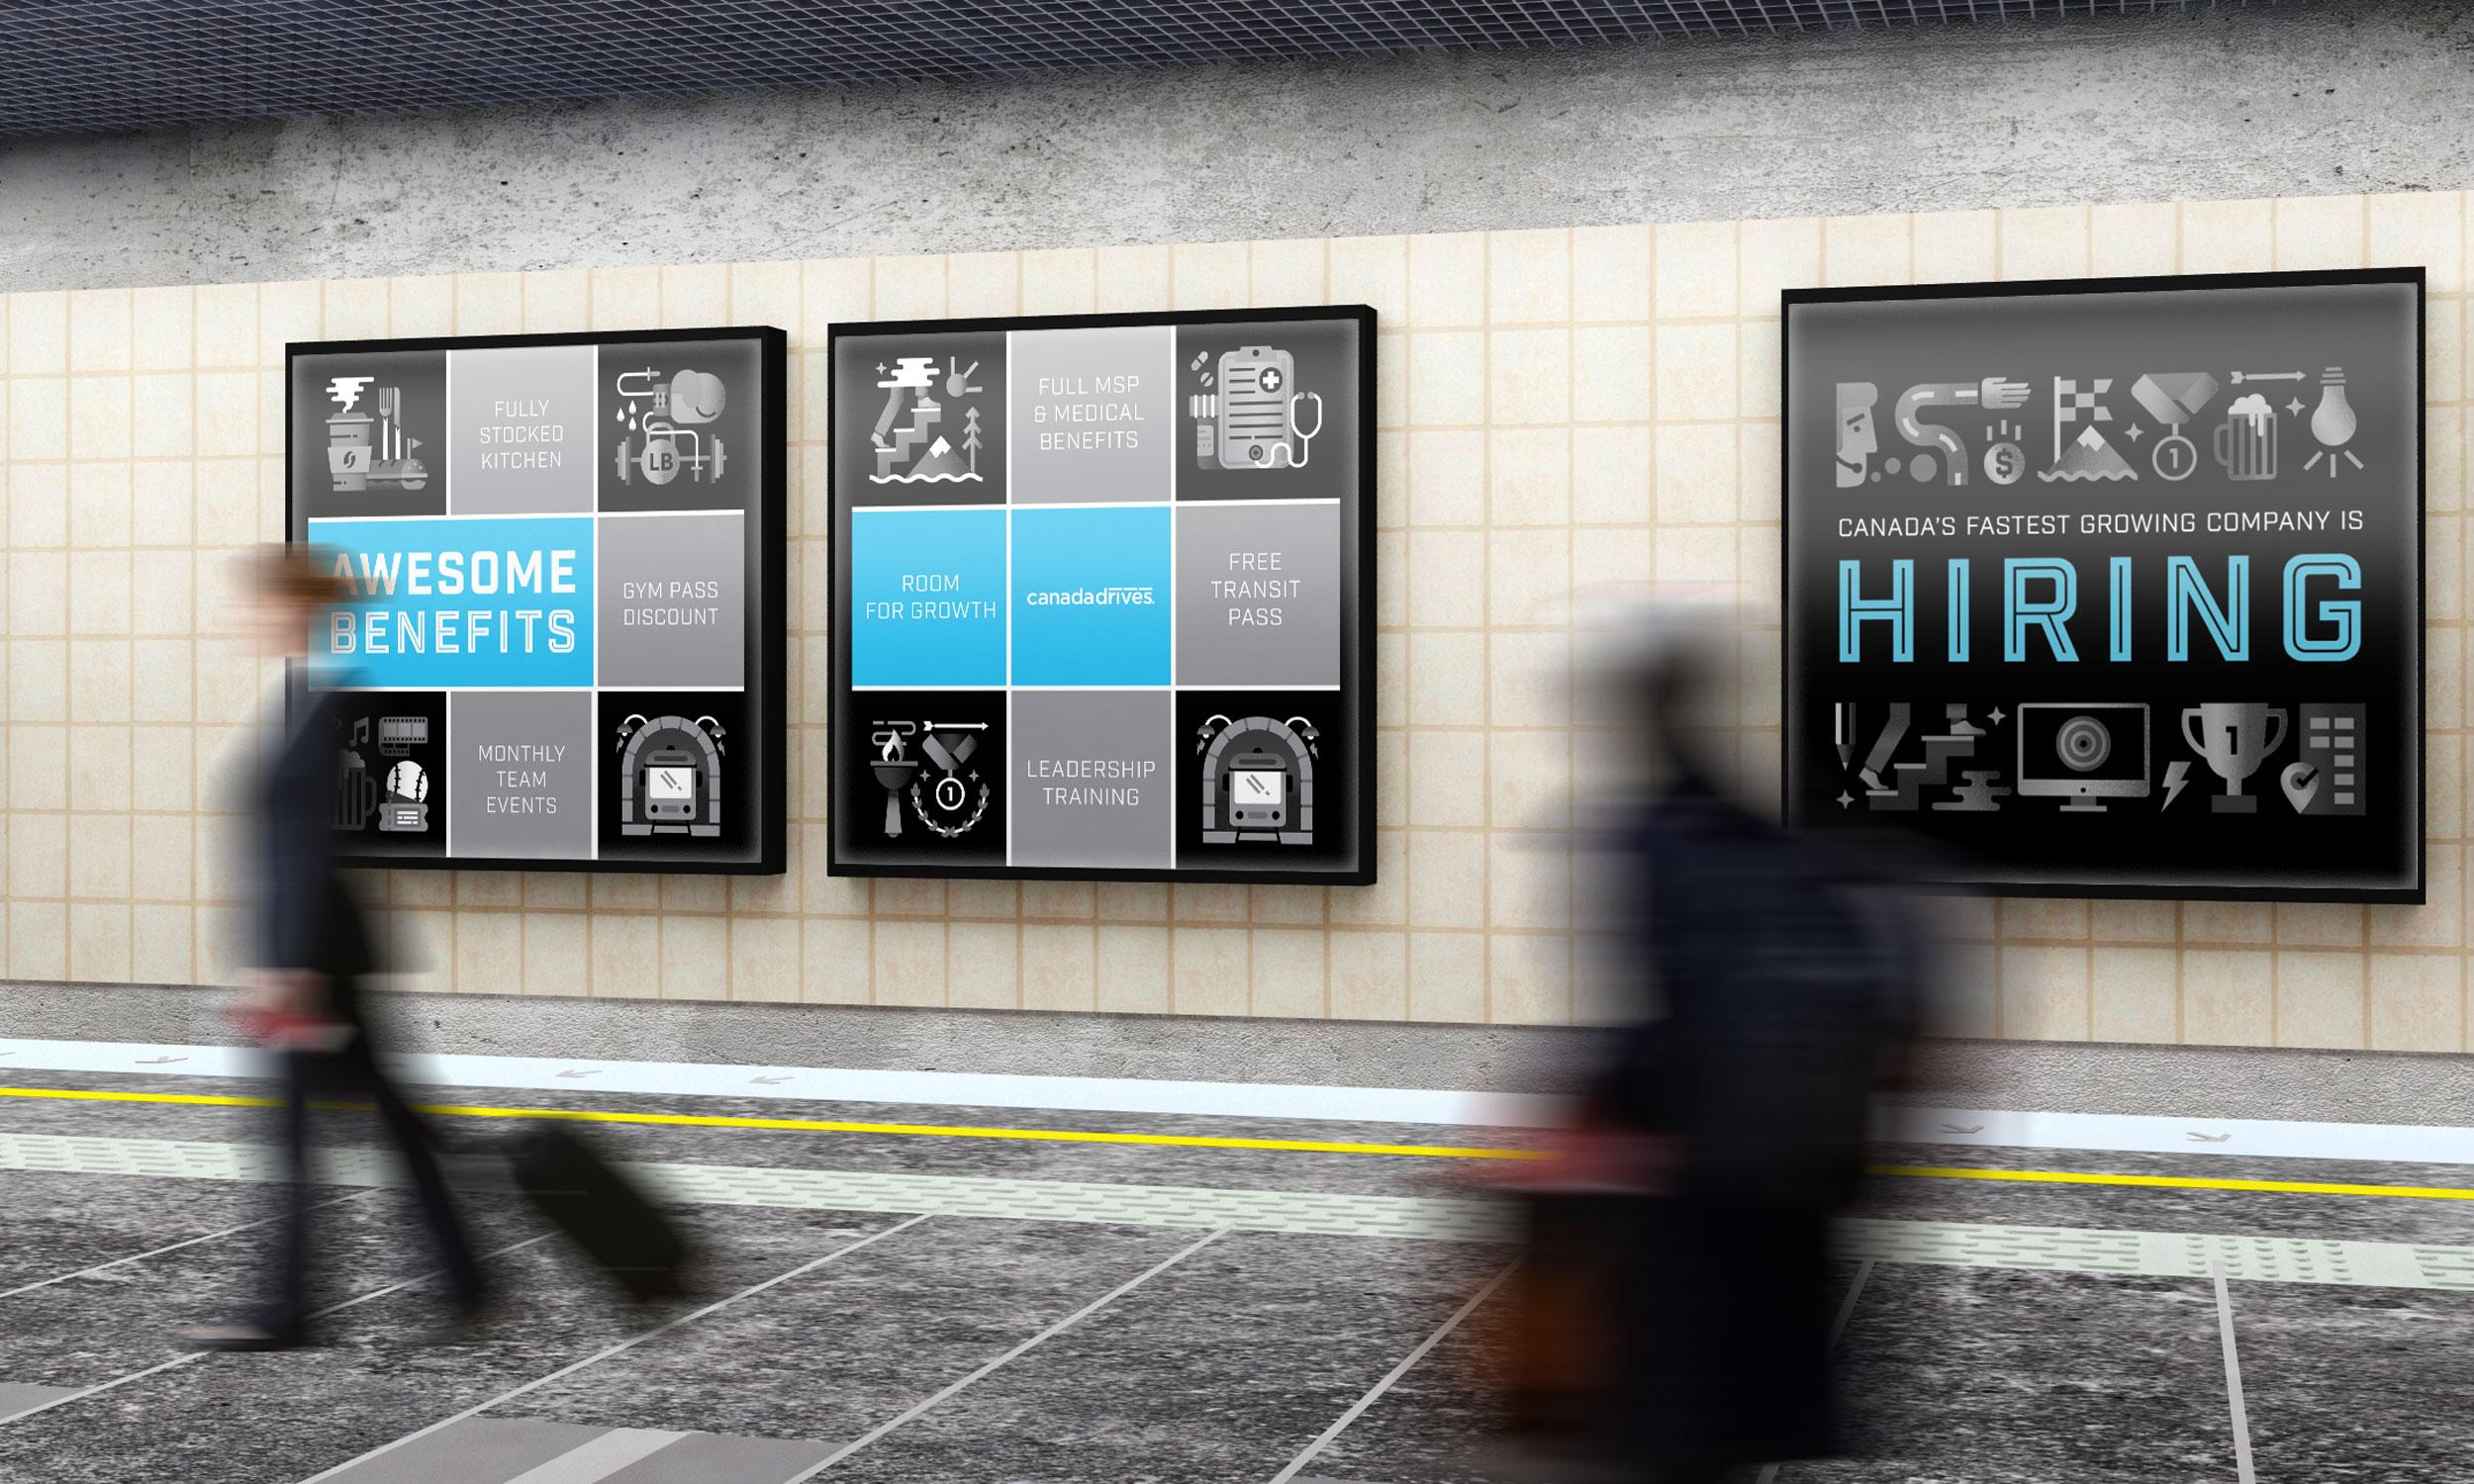 Hiring print campaign subway advertisements